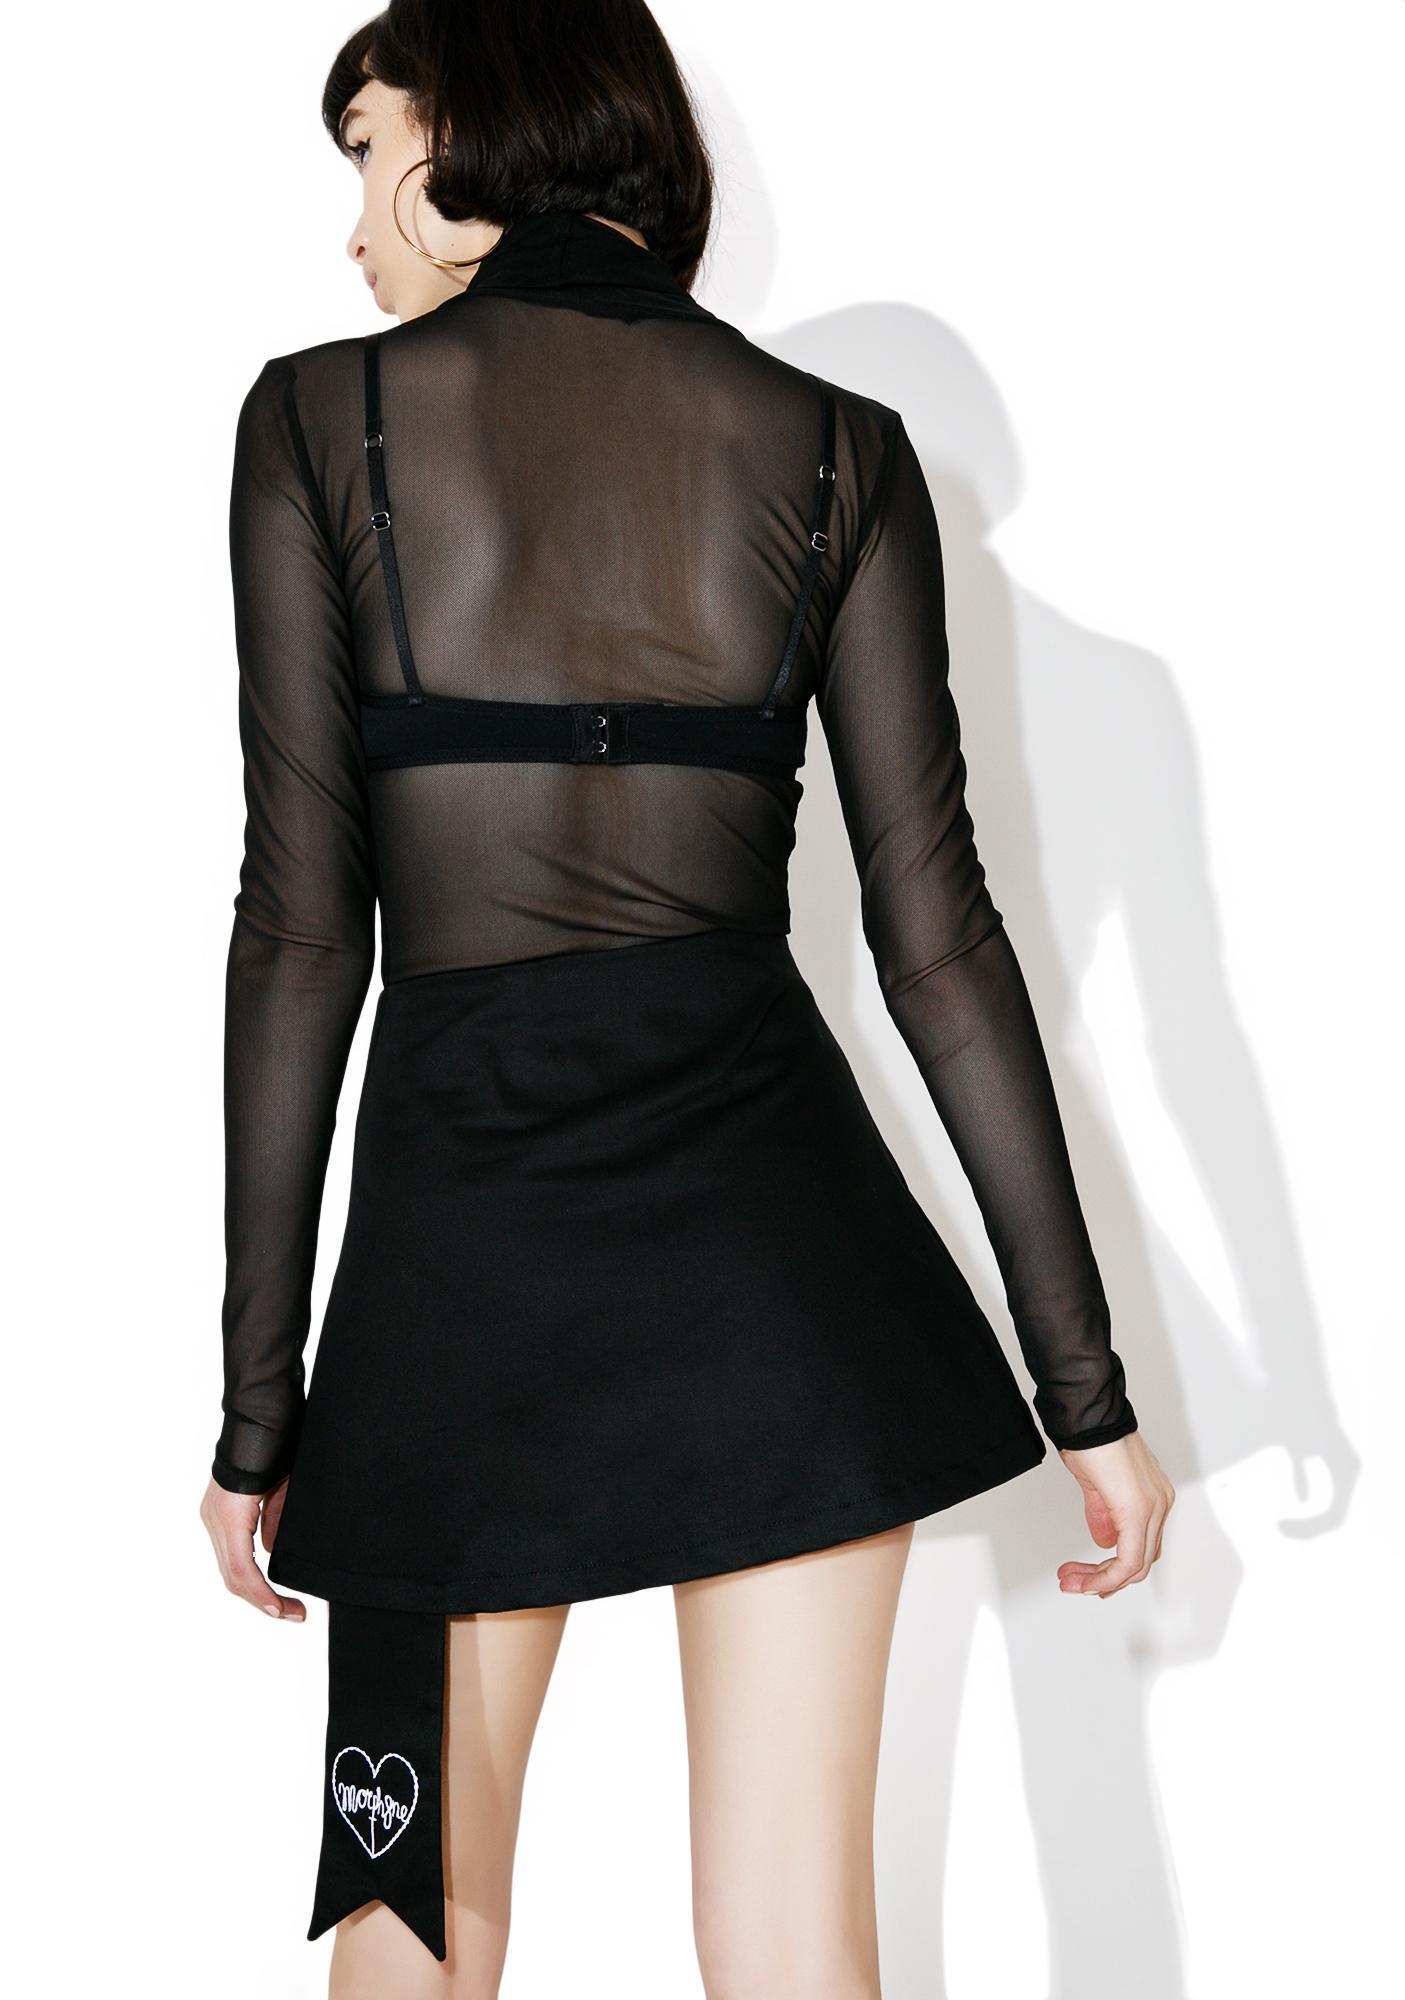 Morph8ne Figurine Skirt